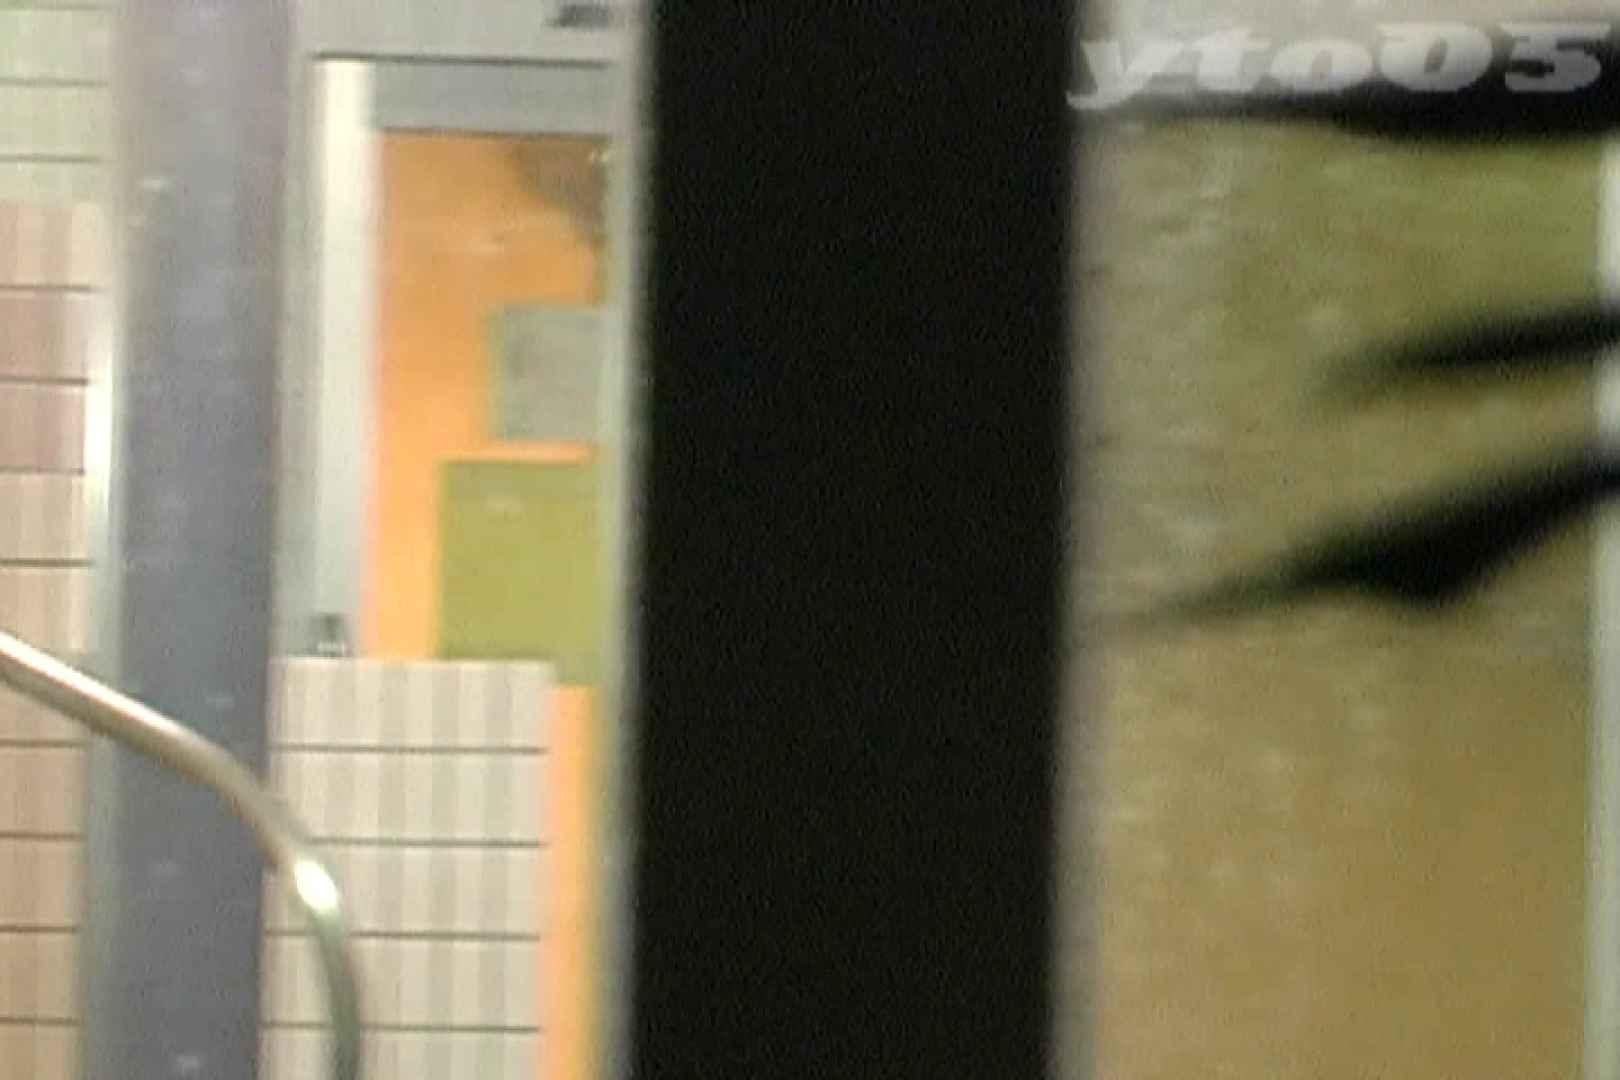 ▲復活限定▲合宿ホテル女風呂盗撮 Vol.28 盗撮で悶絶 ワレメ無修正動画無料 99画像 90